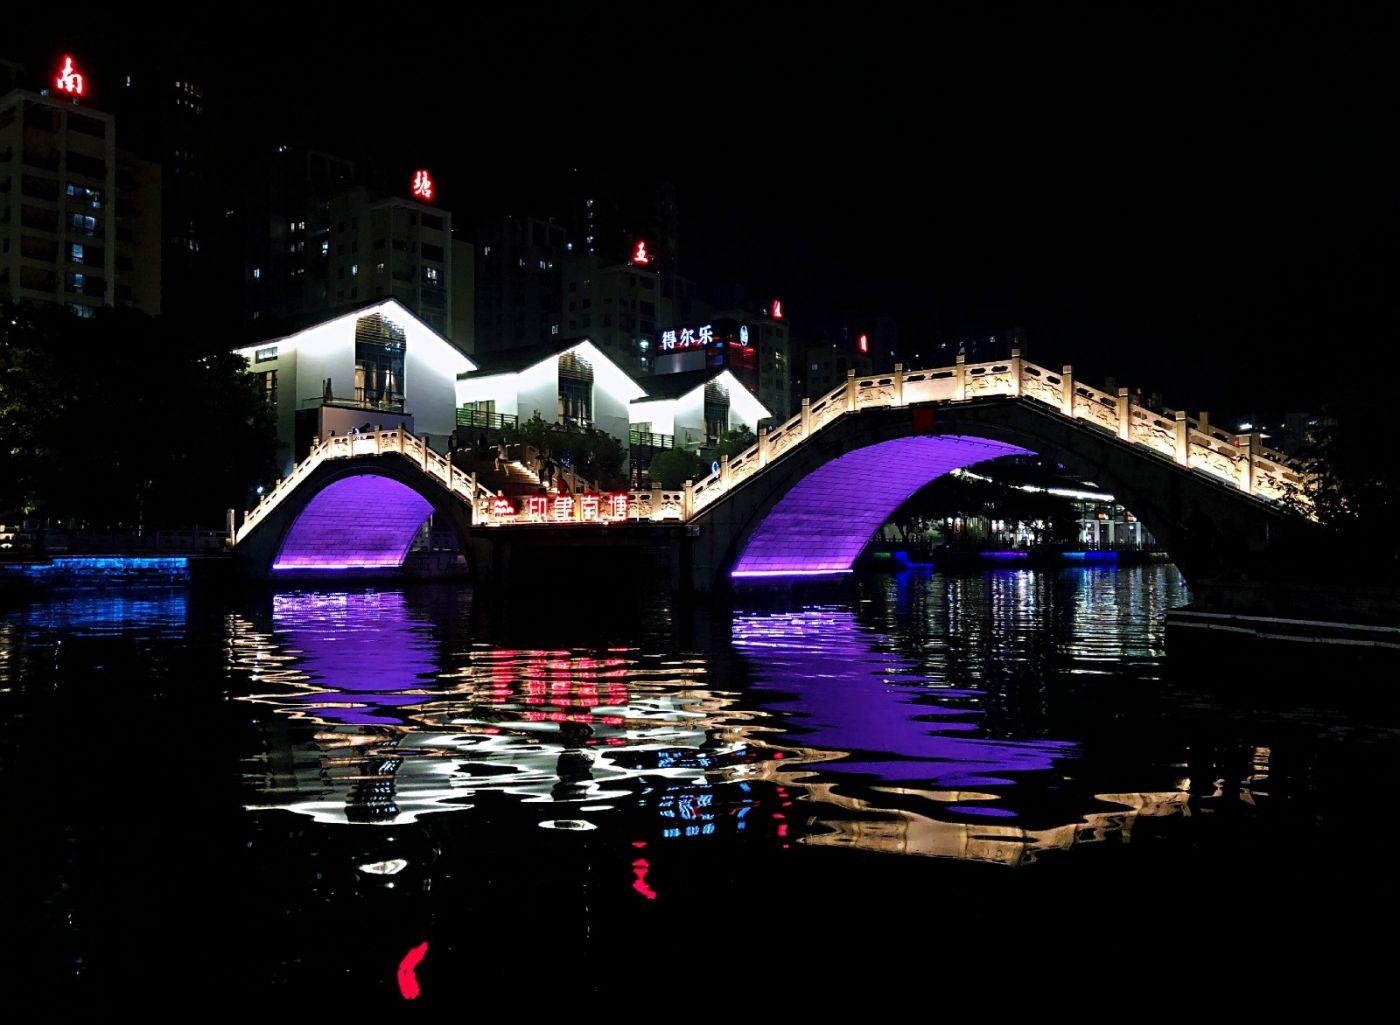 【田螺随拍】温州的印象南塘-手机版_图1-15